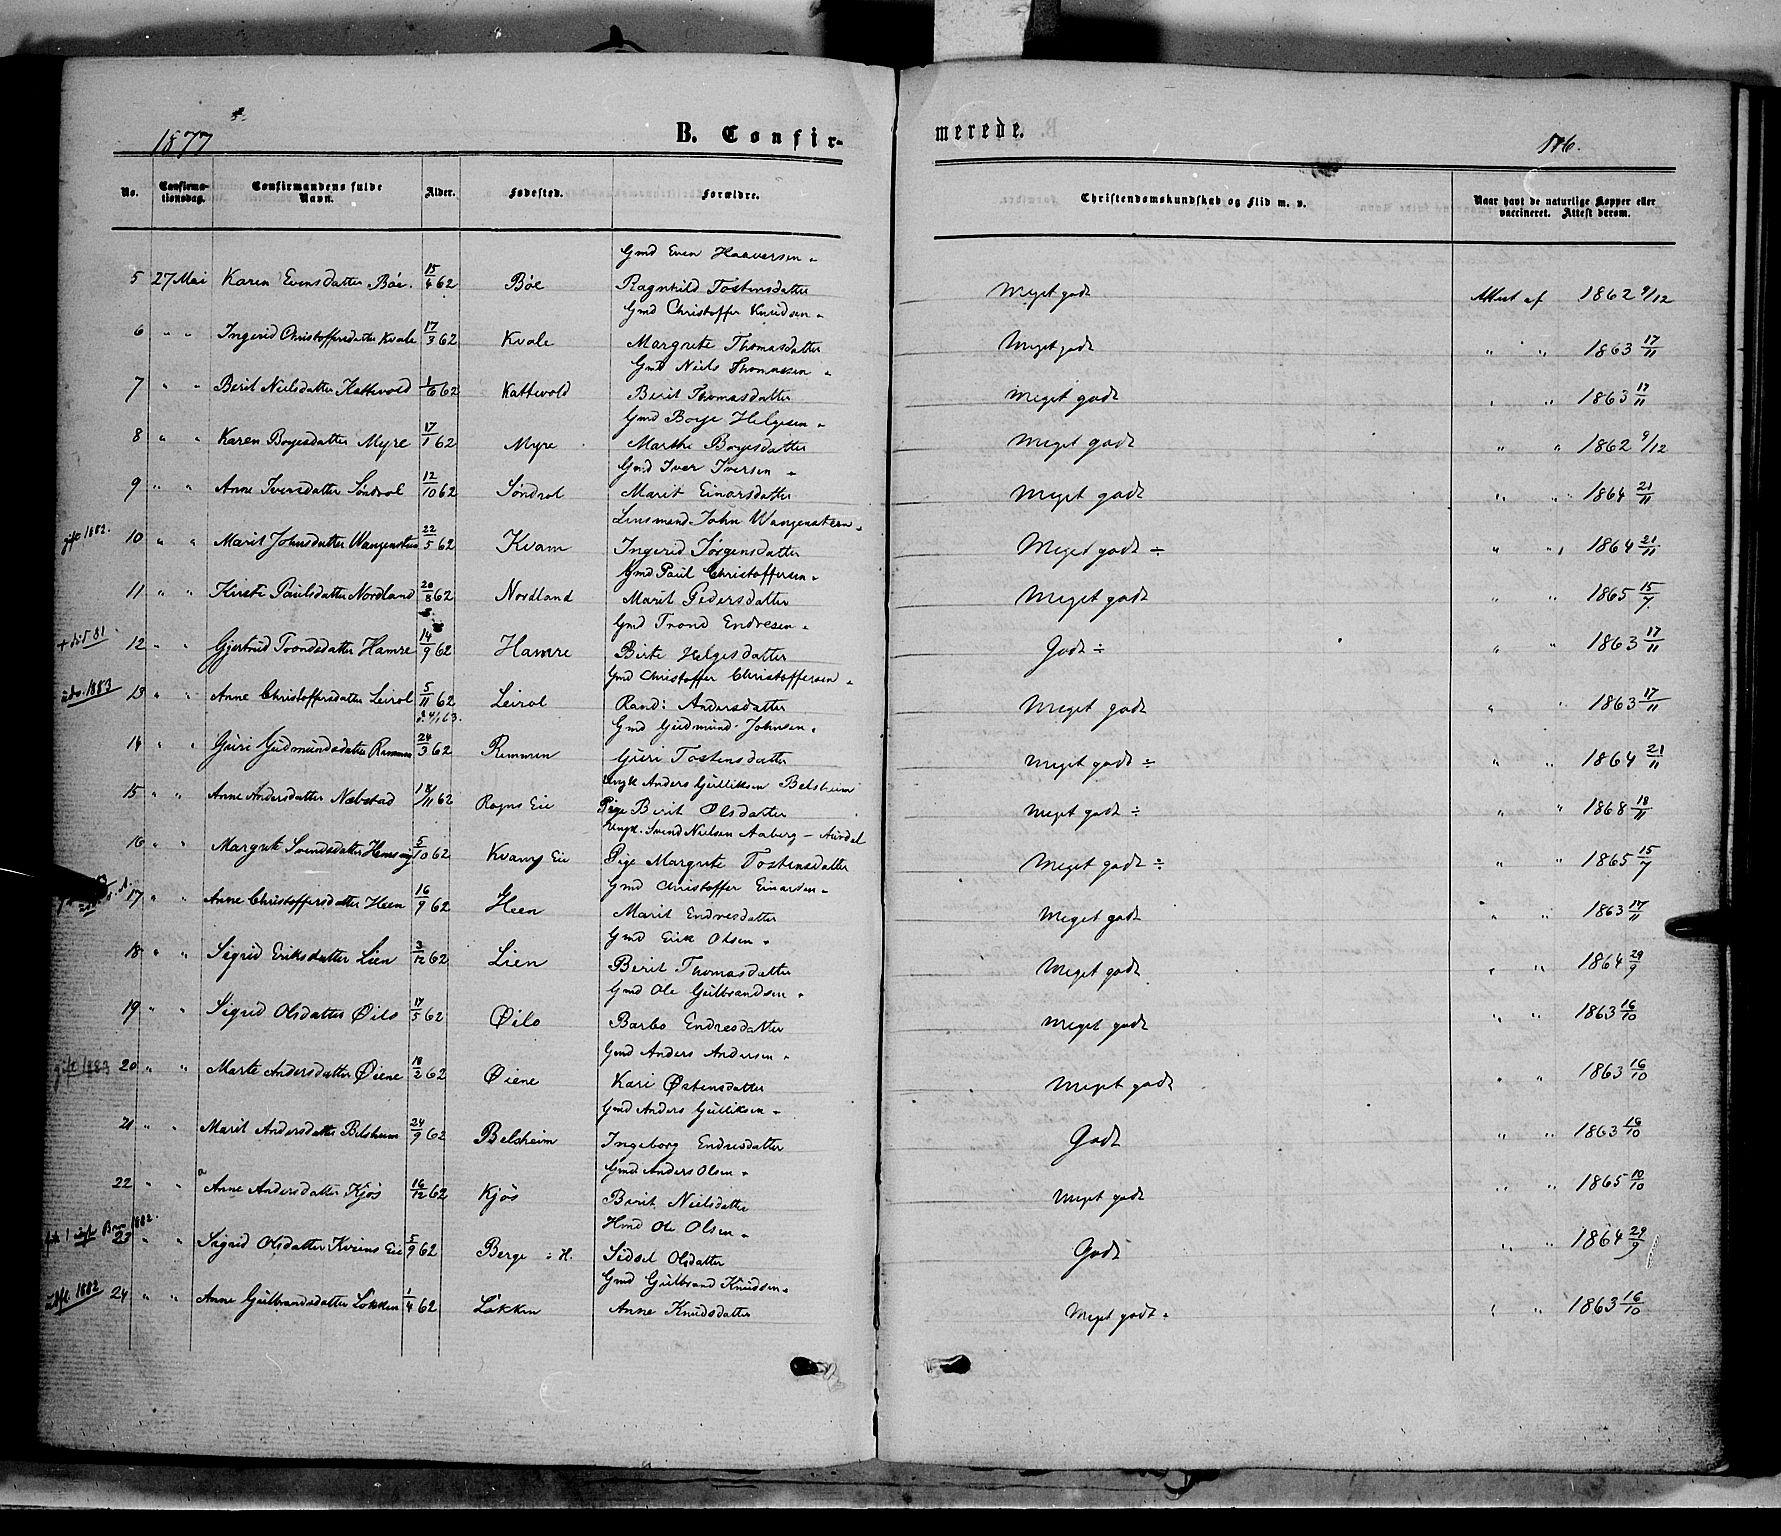 SAH, Vang prestekontor, Valdres, Ministerialbok nr. 7, 1865-1881, s. 116